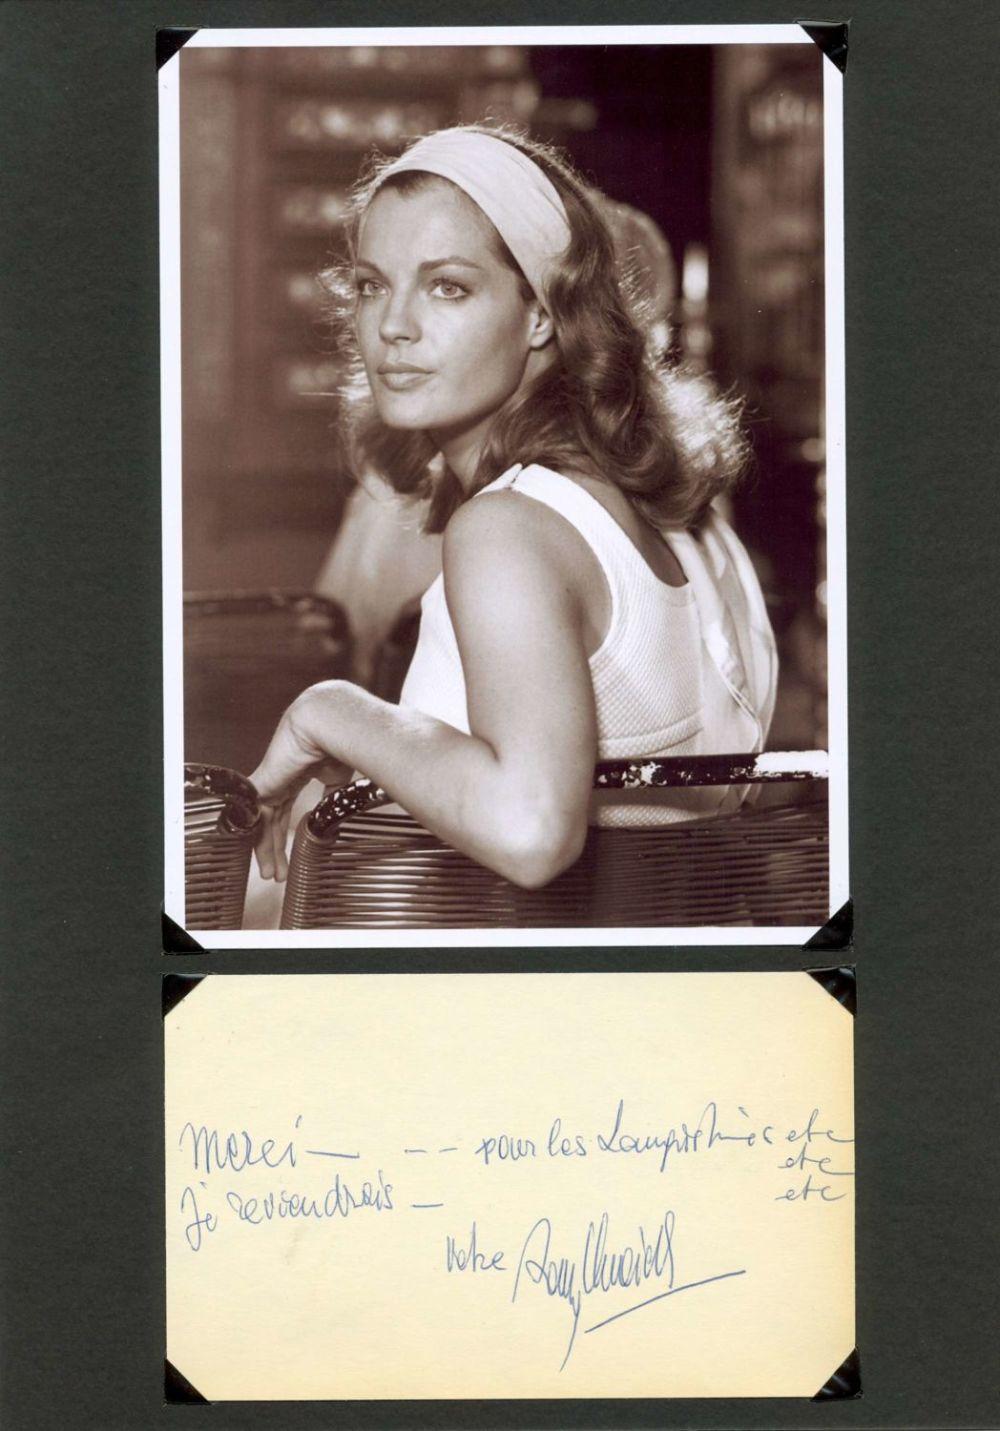 Bidspirit Auction Schneider Romy 1938 1982 Austrian German Actress